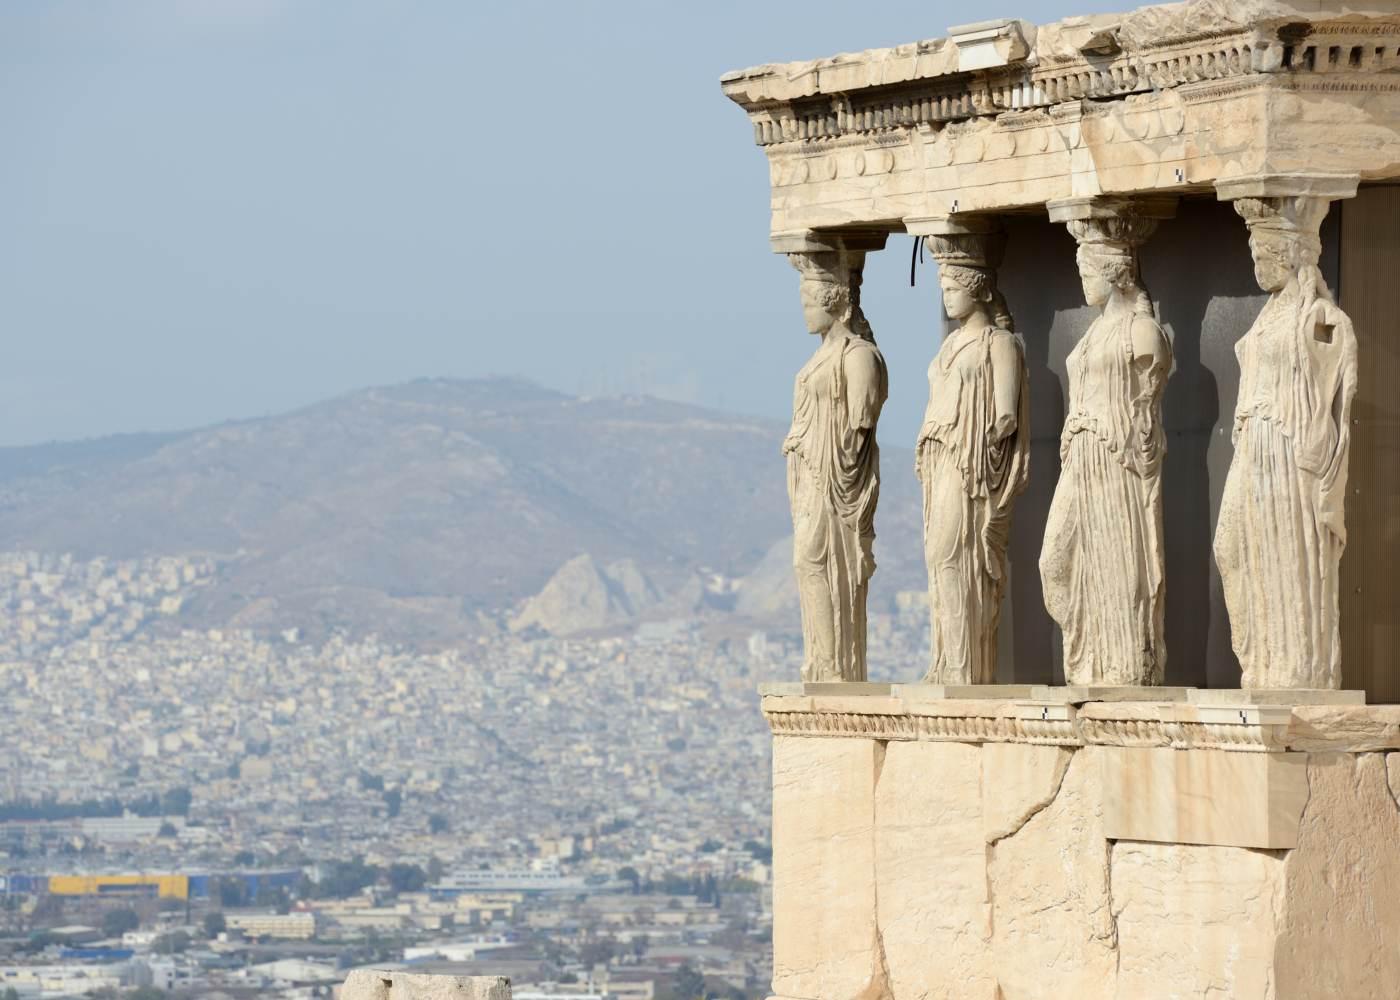 Pormenor do Parthenon em Atenas